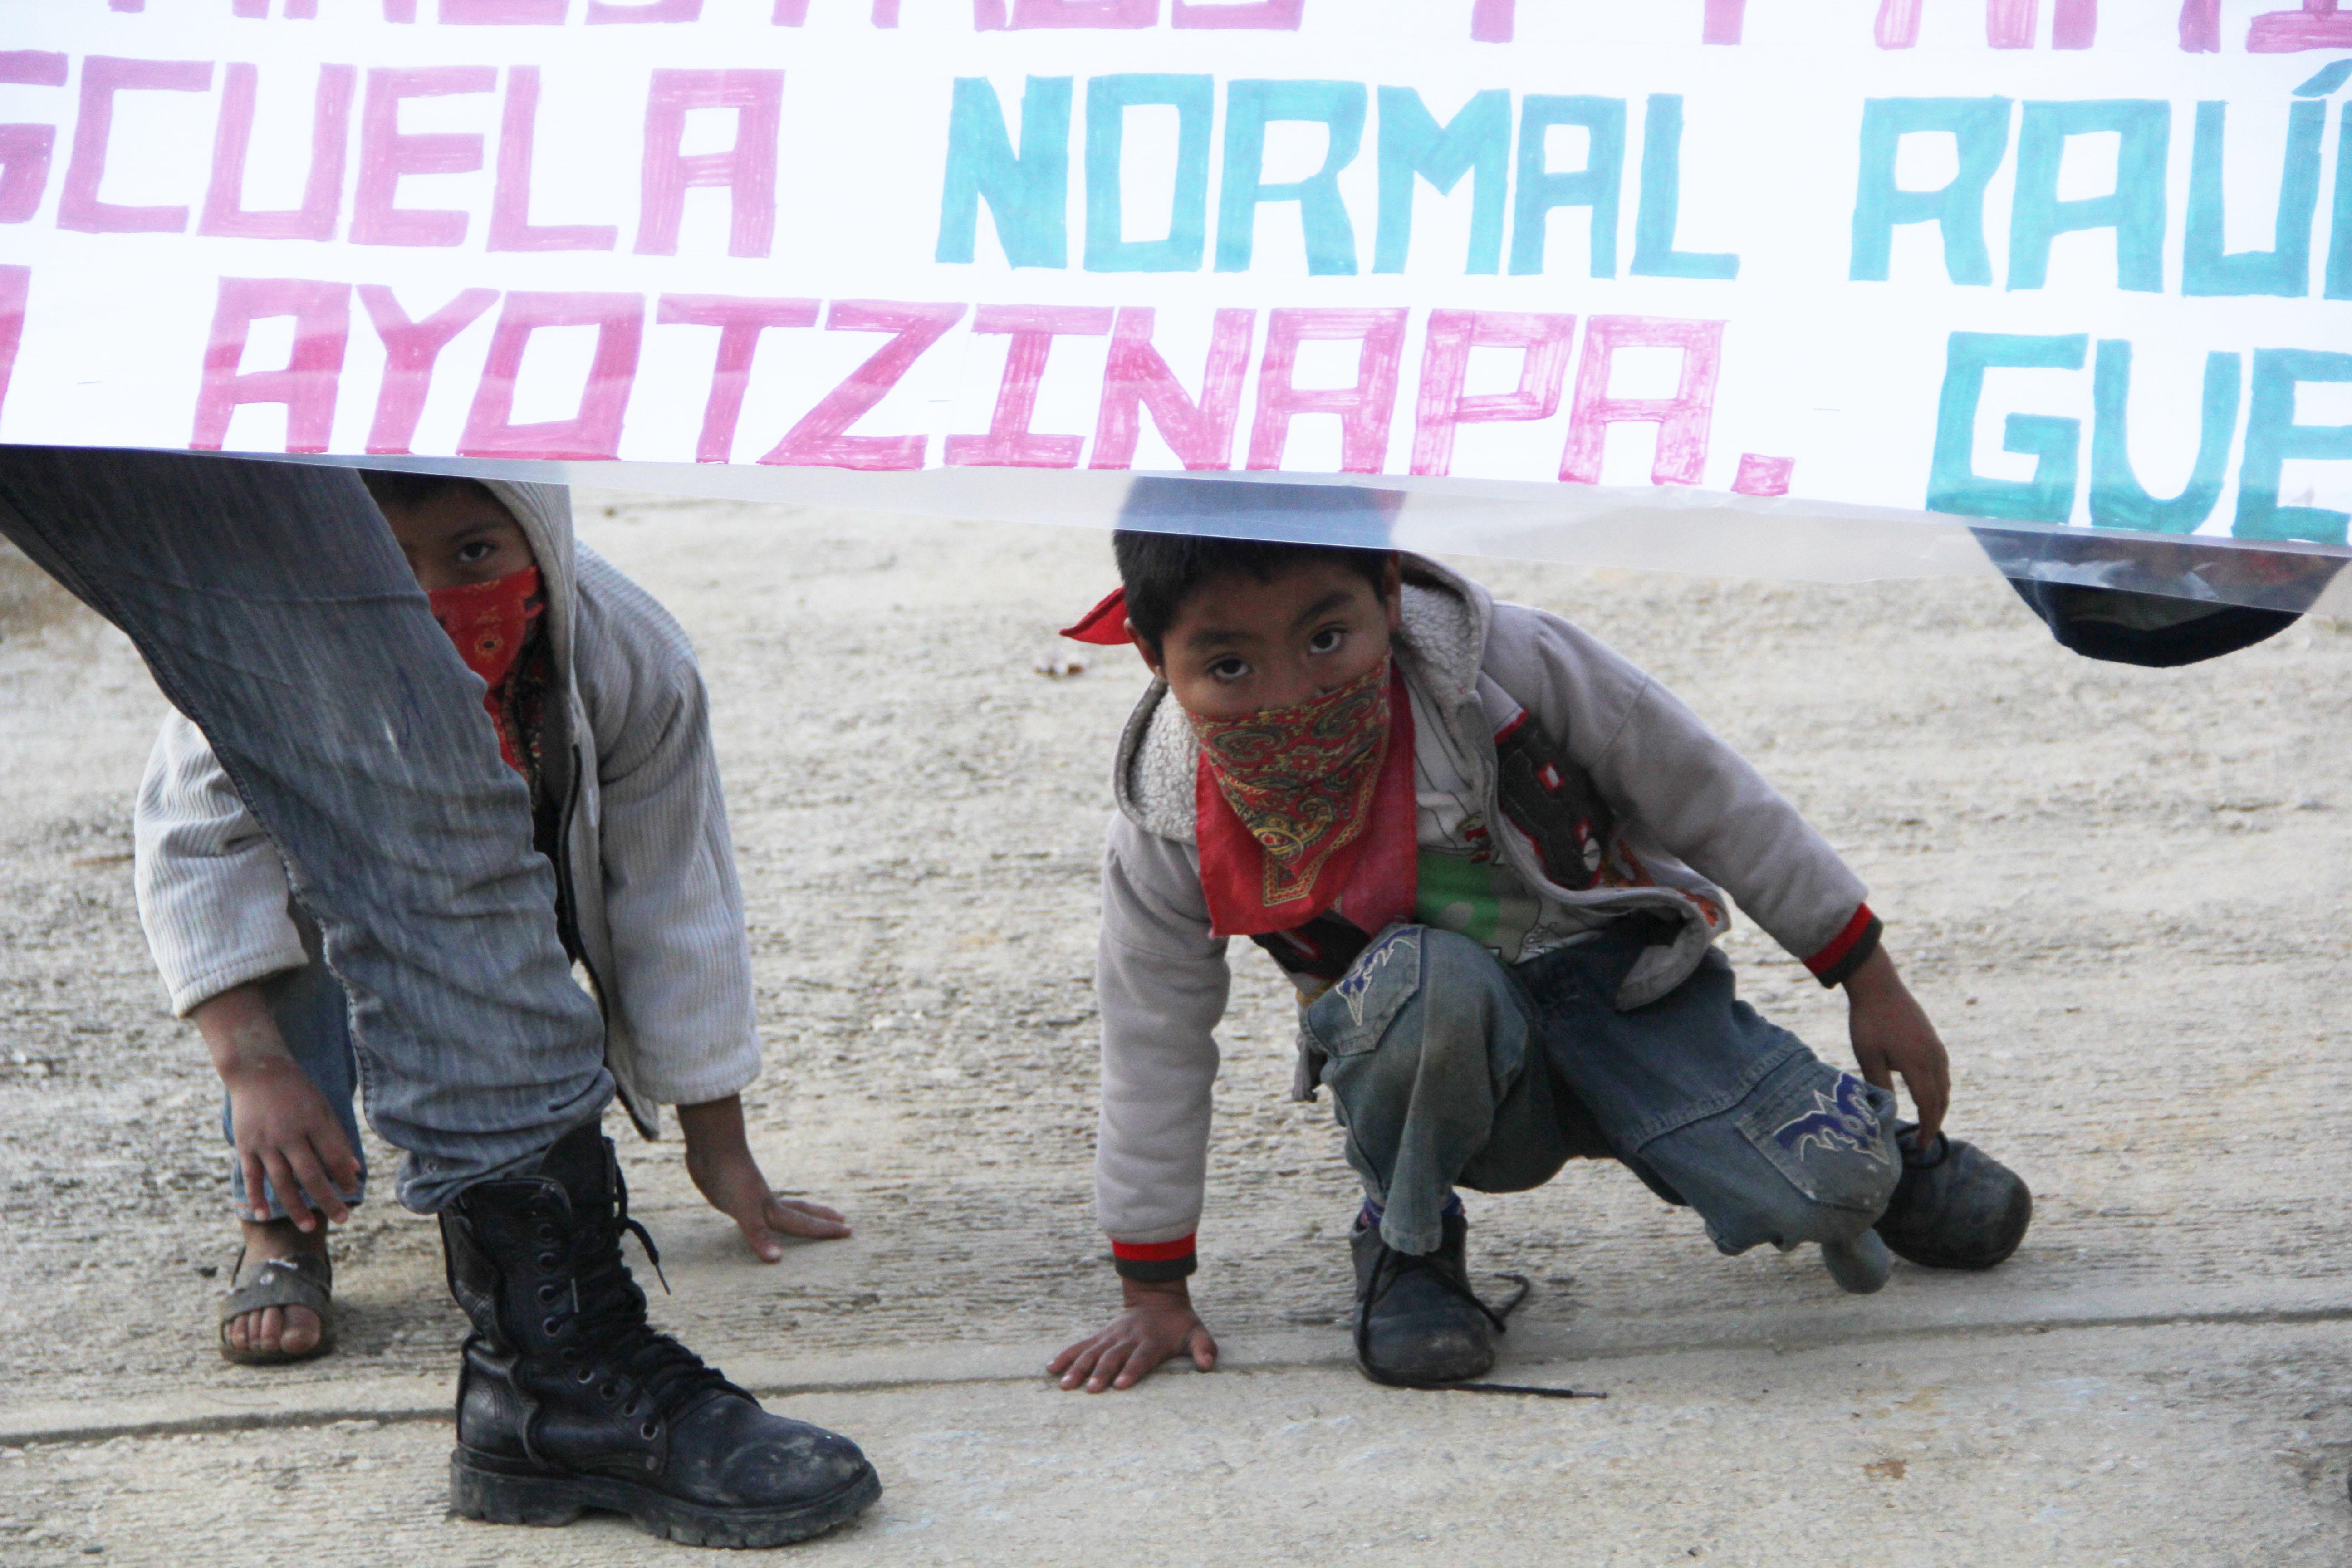 EZLN-niños-por-Ayotzinapa